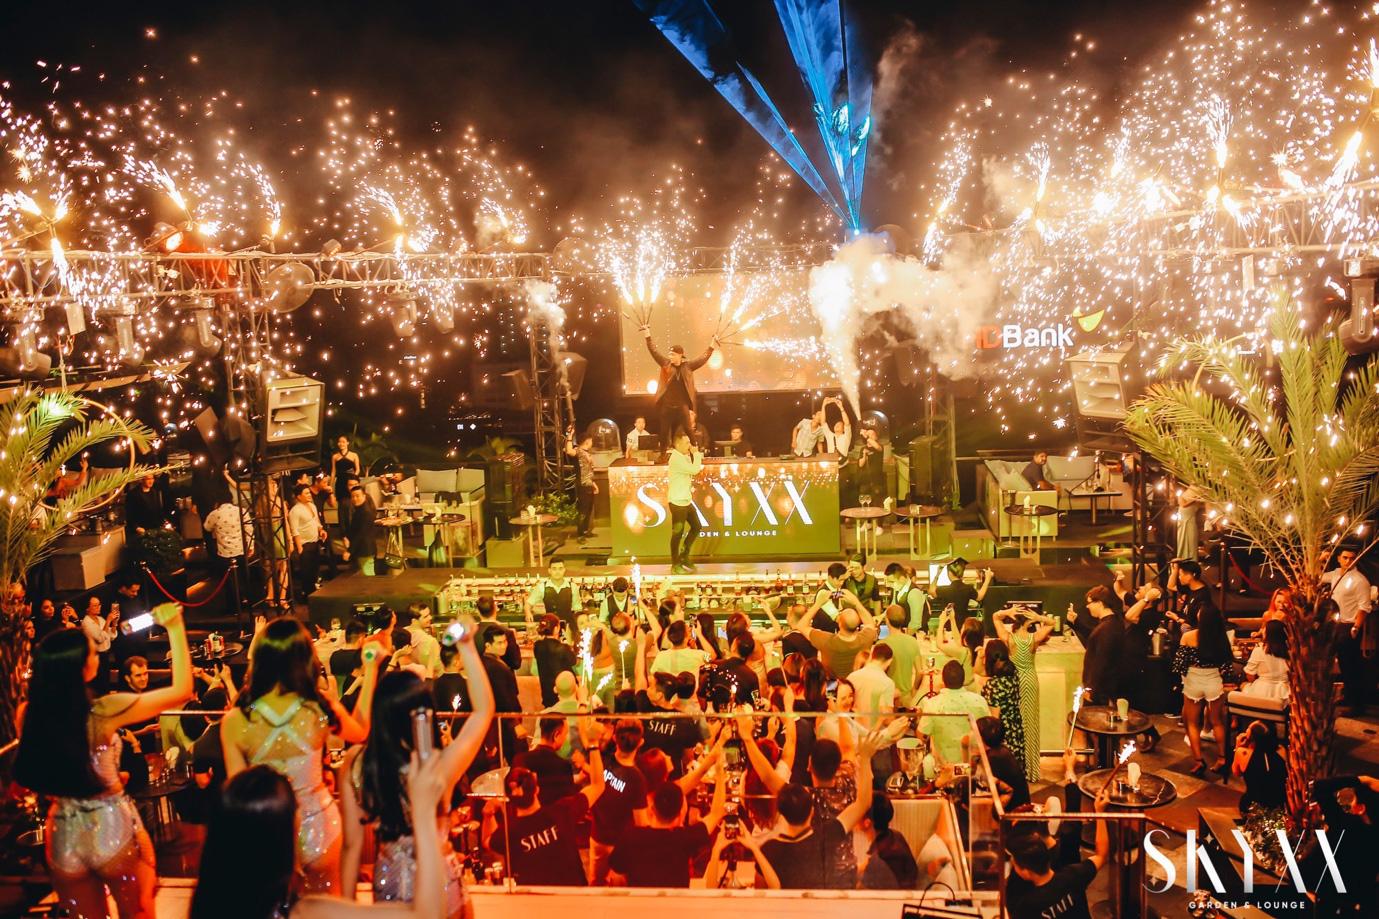 Huyền thoại Markus Schulz sẽ biểu diễn tại Sài Gòn vào 21/11 - Ảnh 5.